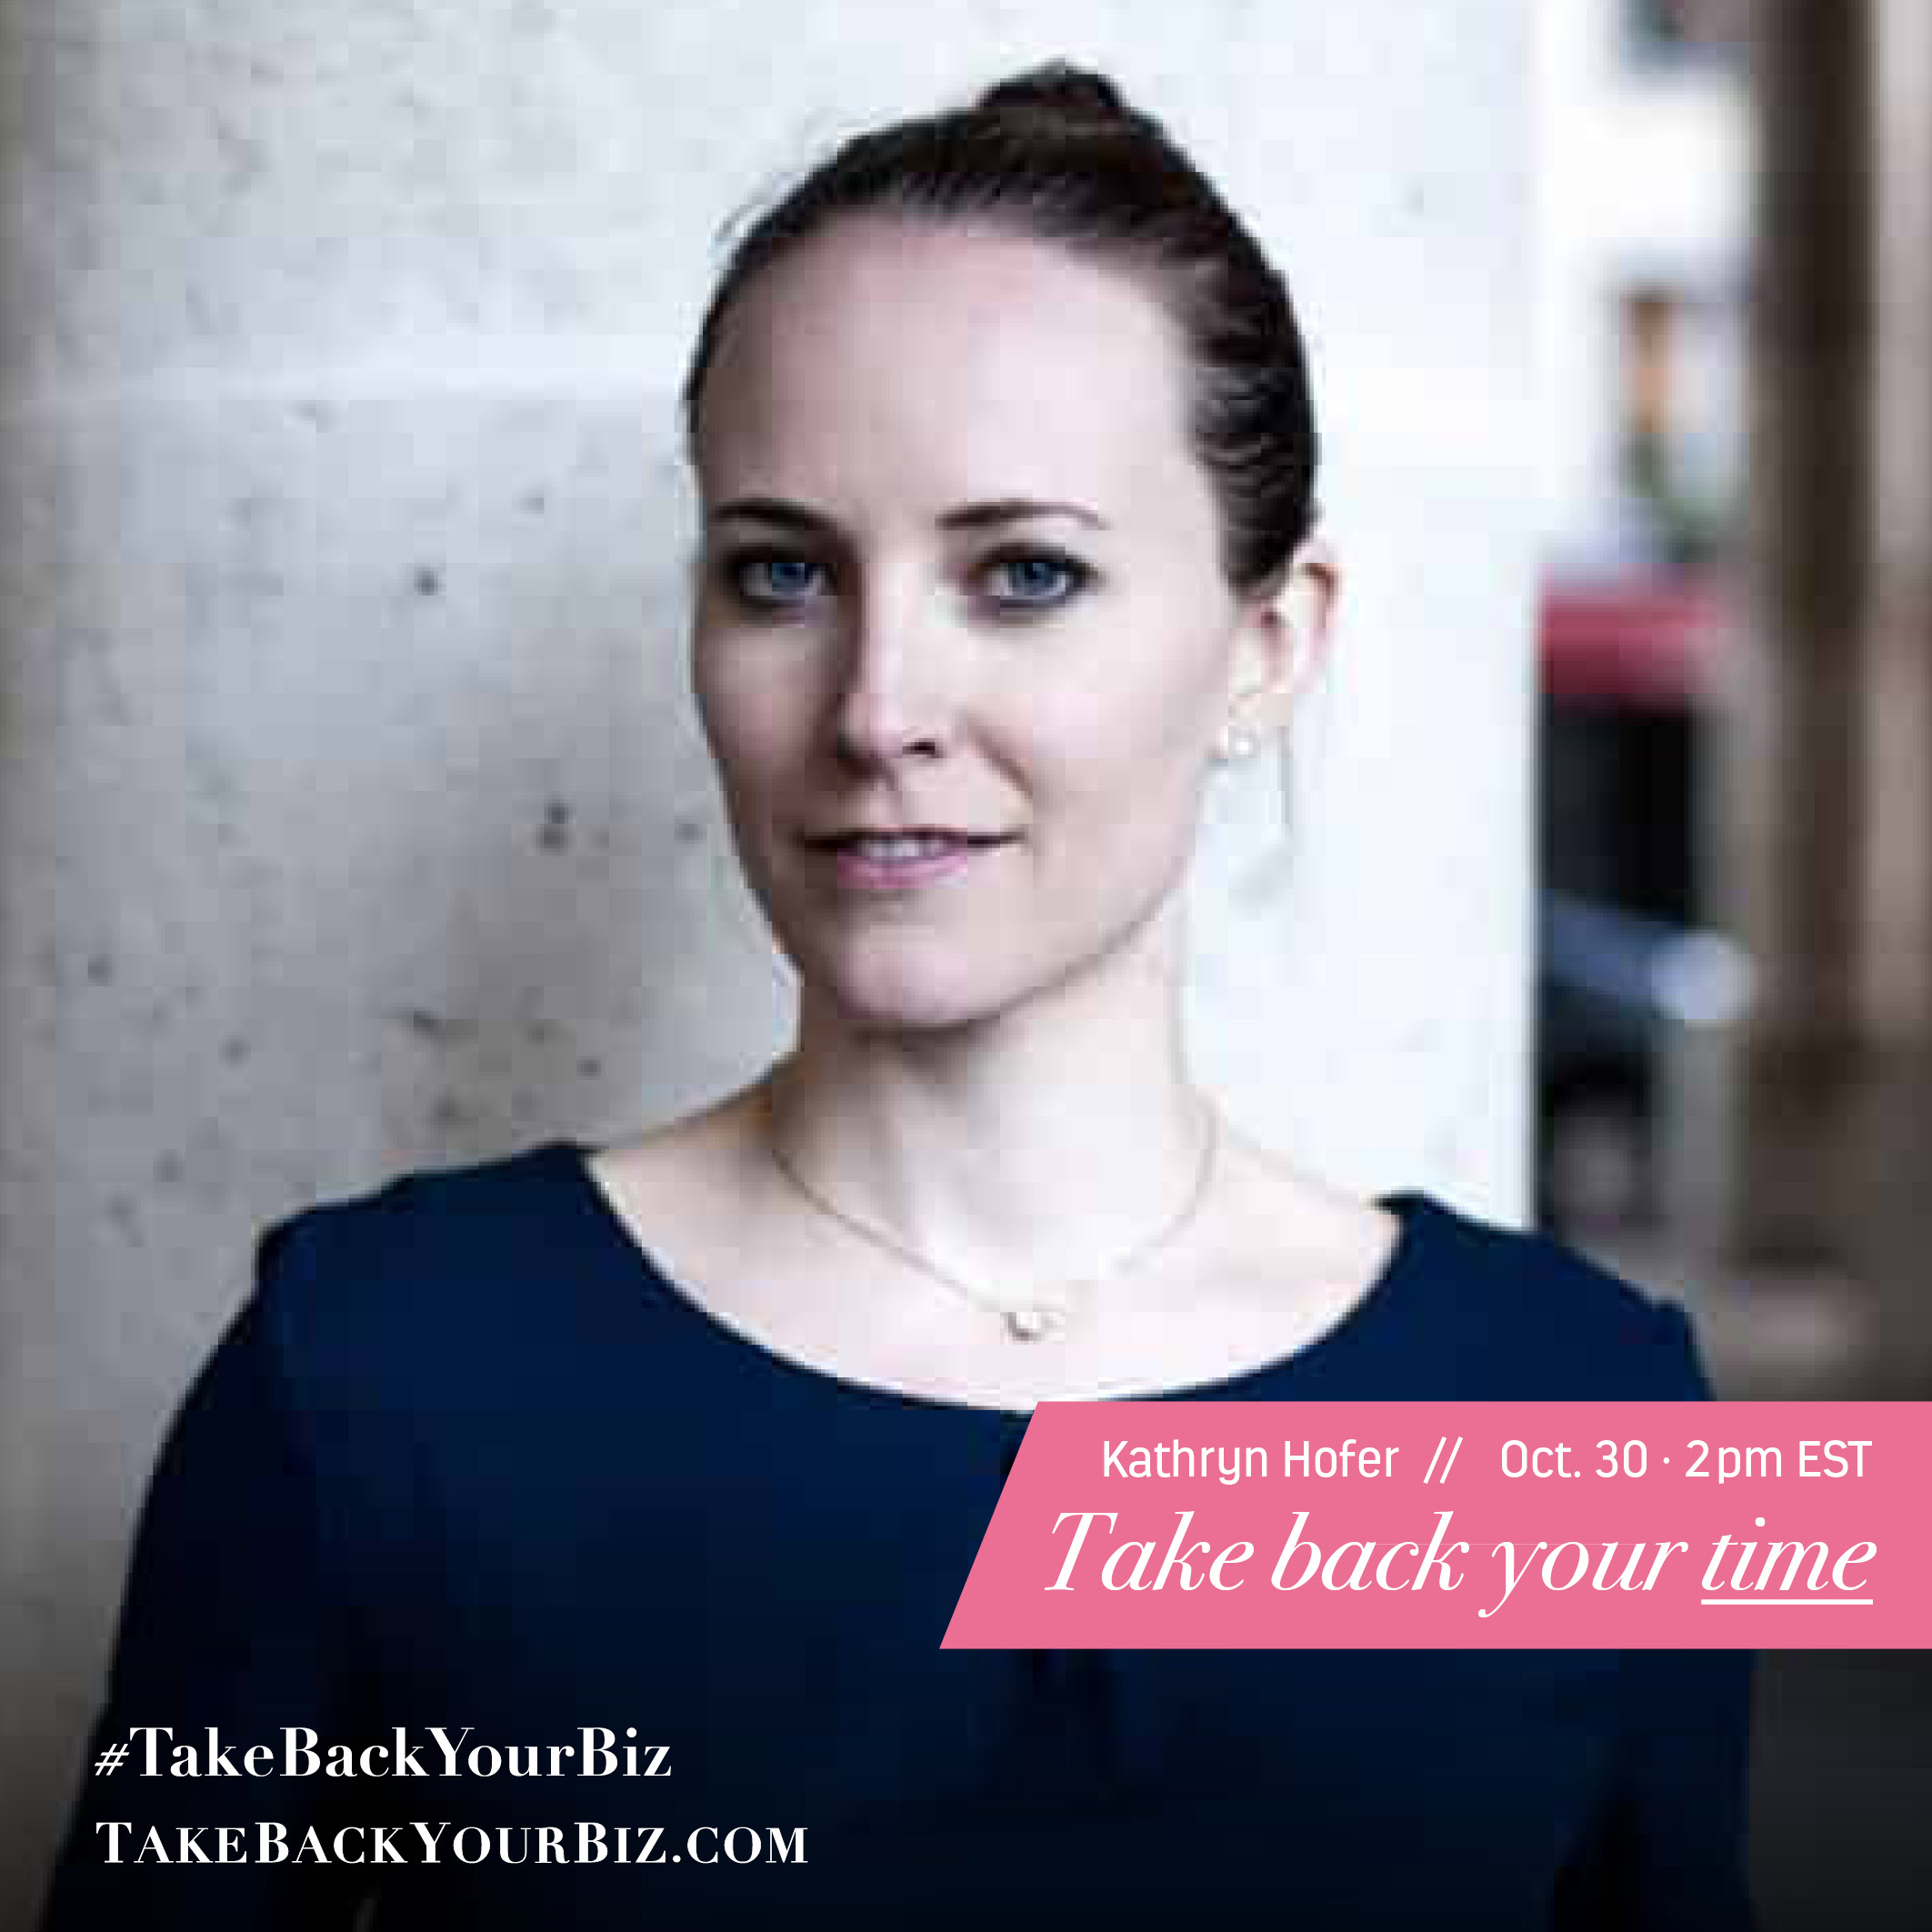 Take-Back-Your-Biz-Speakers-Kathryn-Hofer